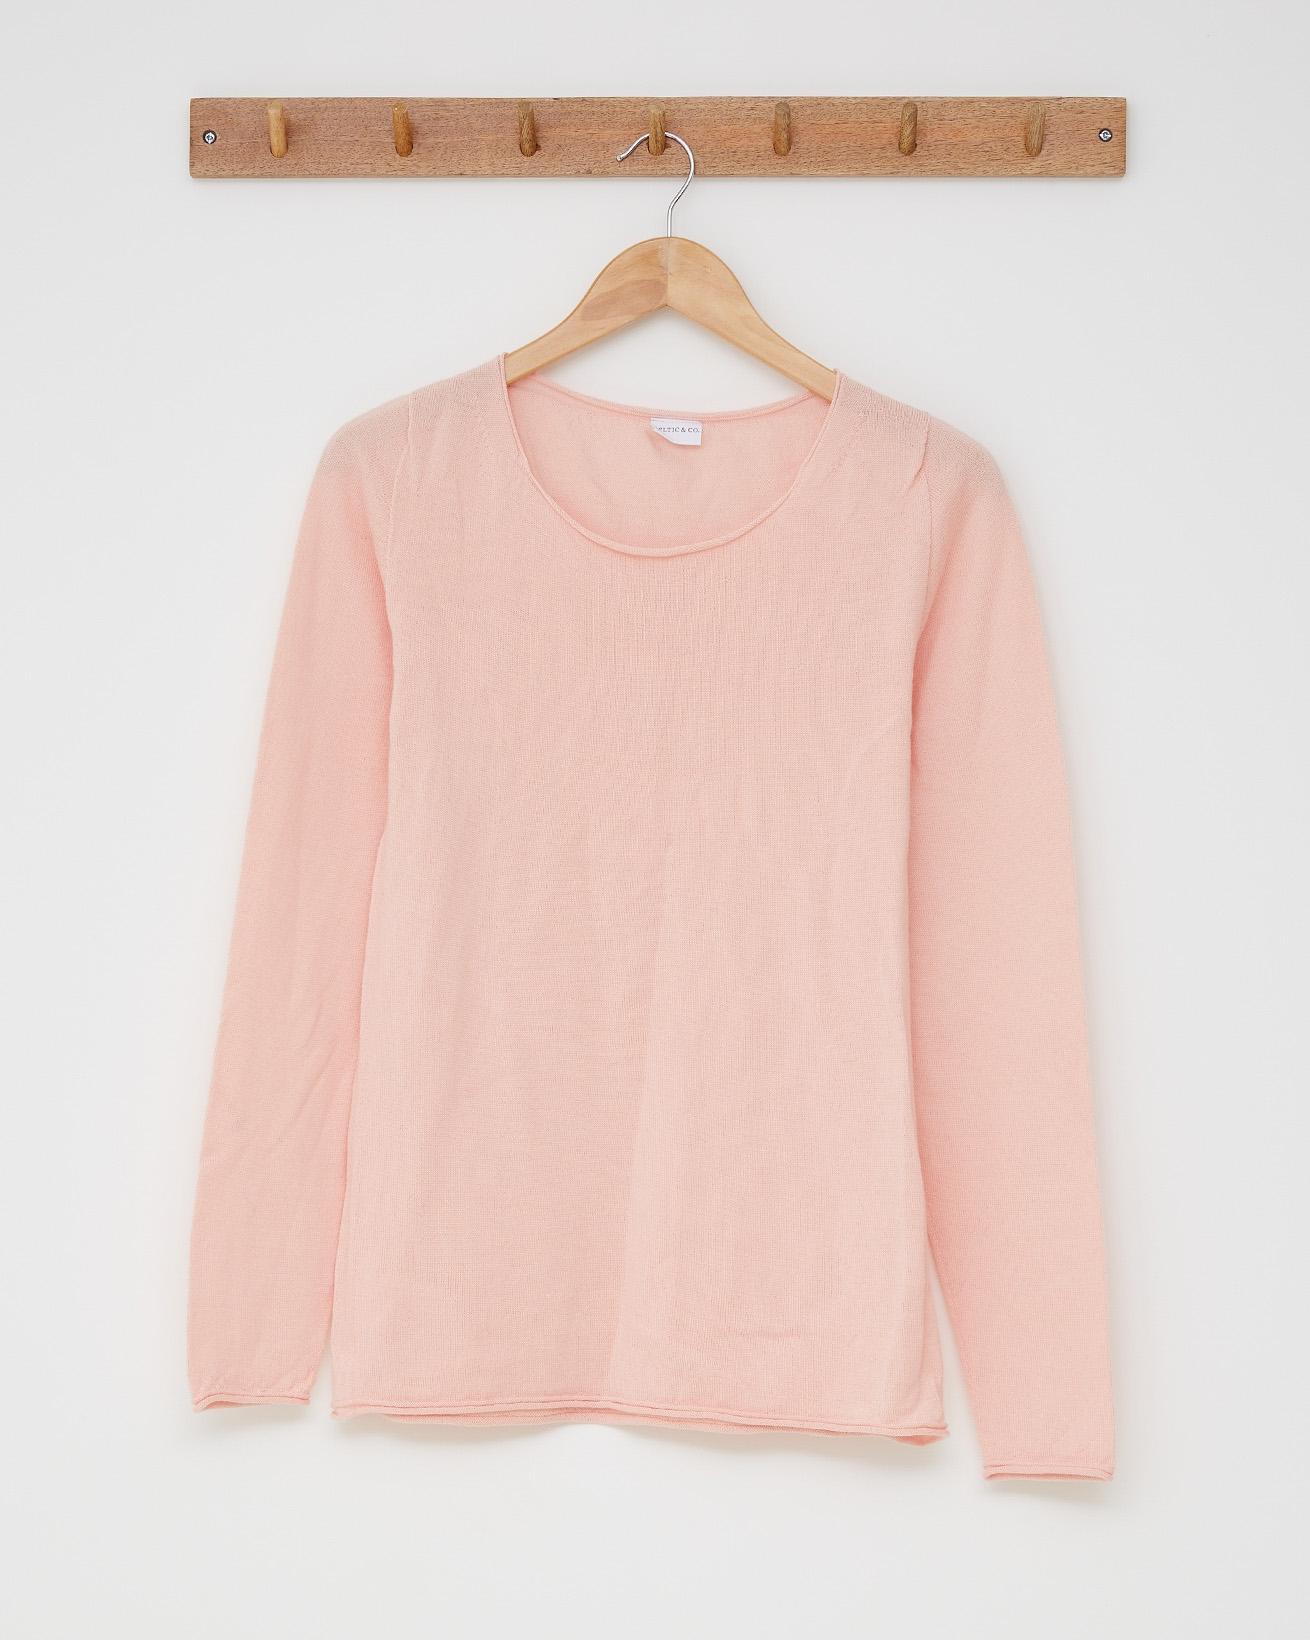 Fine knit merino crew neck - Size Small - Peach pink - 2486